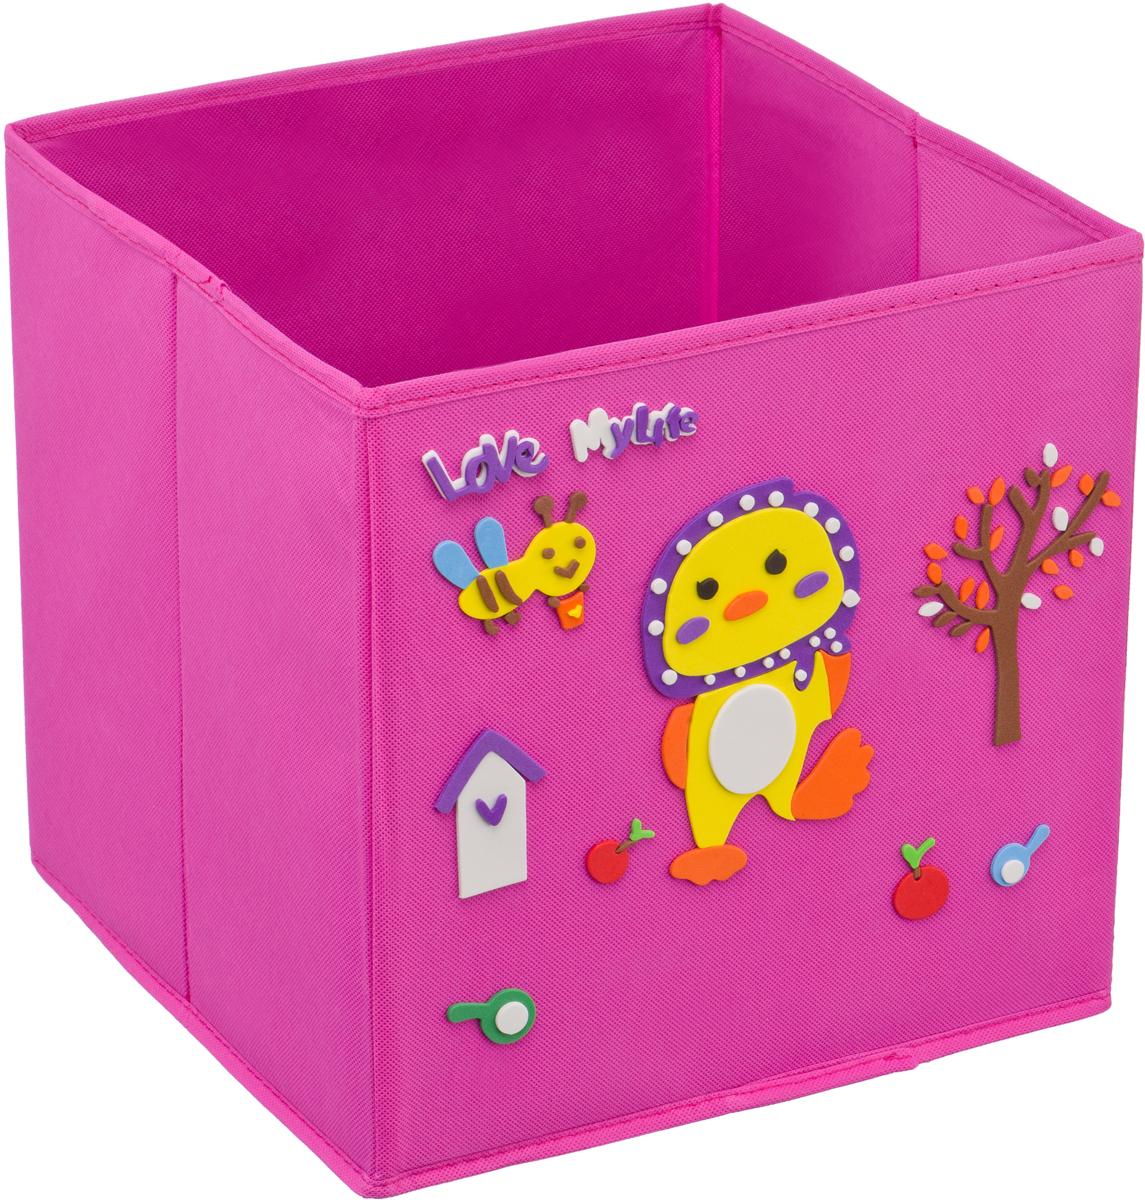 Кофр для хранения Handy Home Утенок, с аппликацией, цвет: розовыйUC-116Кофр с аппликацией - универсальная система для домашнего хранения, которая дополняется интересной аппликацией с эксклюзивным и веселым детским дизайном для оформления фронтальной стороны короба. Комплект представляет собой складной короб из нетканого материала и картона, плюс самоклеящаяся аппликация из полимера, которую необходимо самому собрать в картину.Соберите всю увлекательную коллекцию у себя дома.